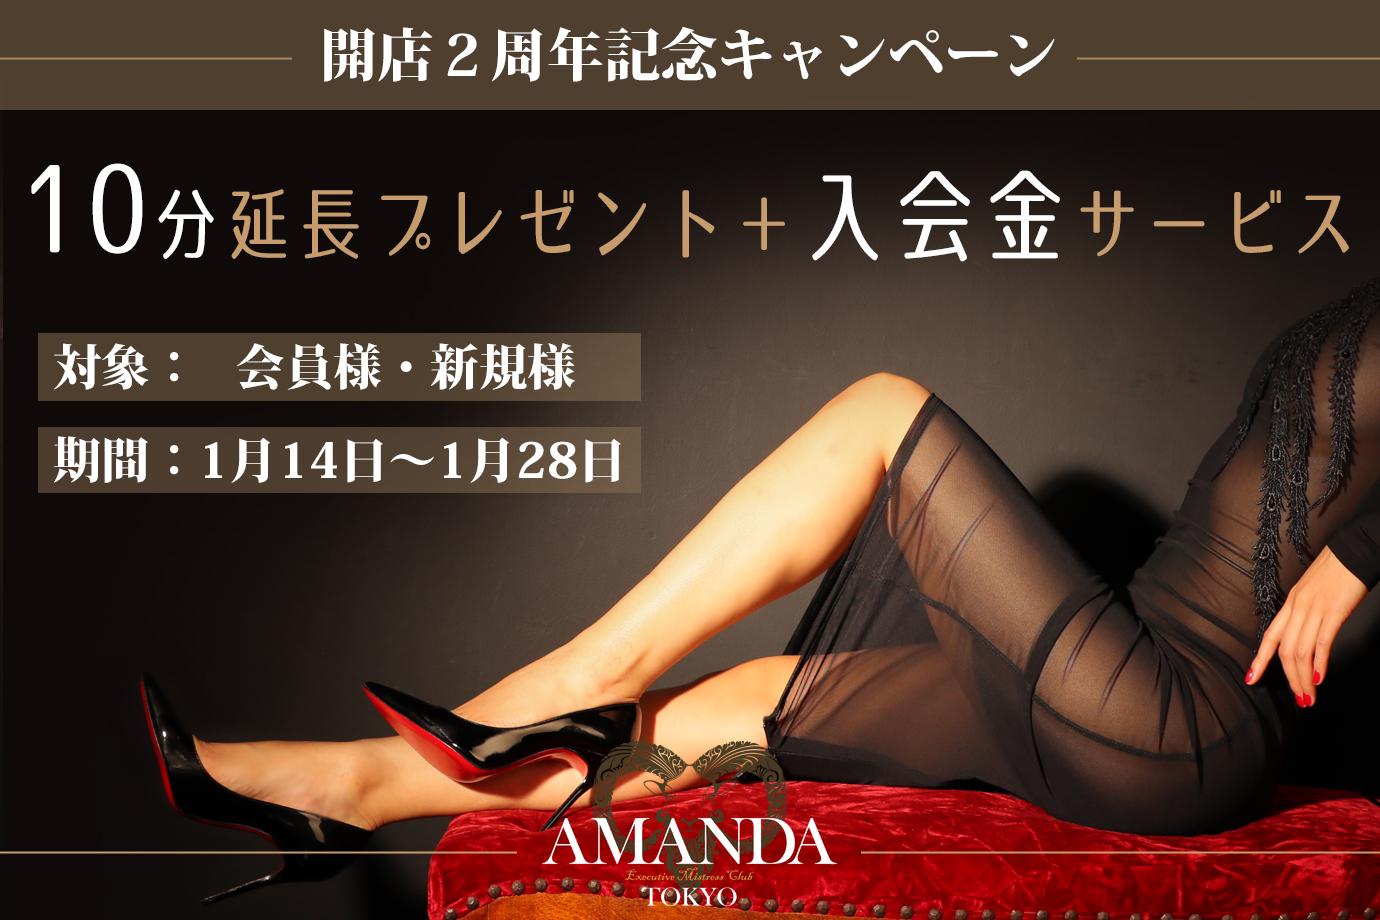 アマンダ2周年記念キャンペーン